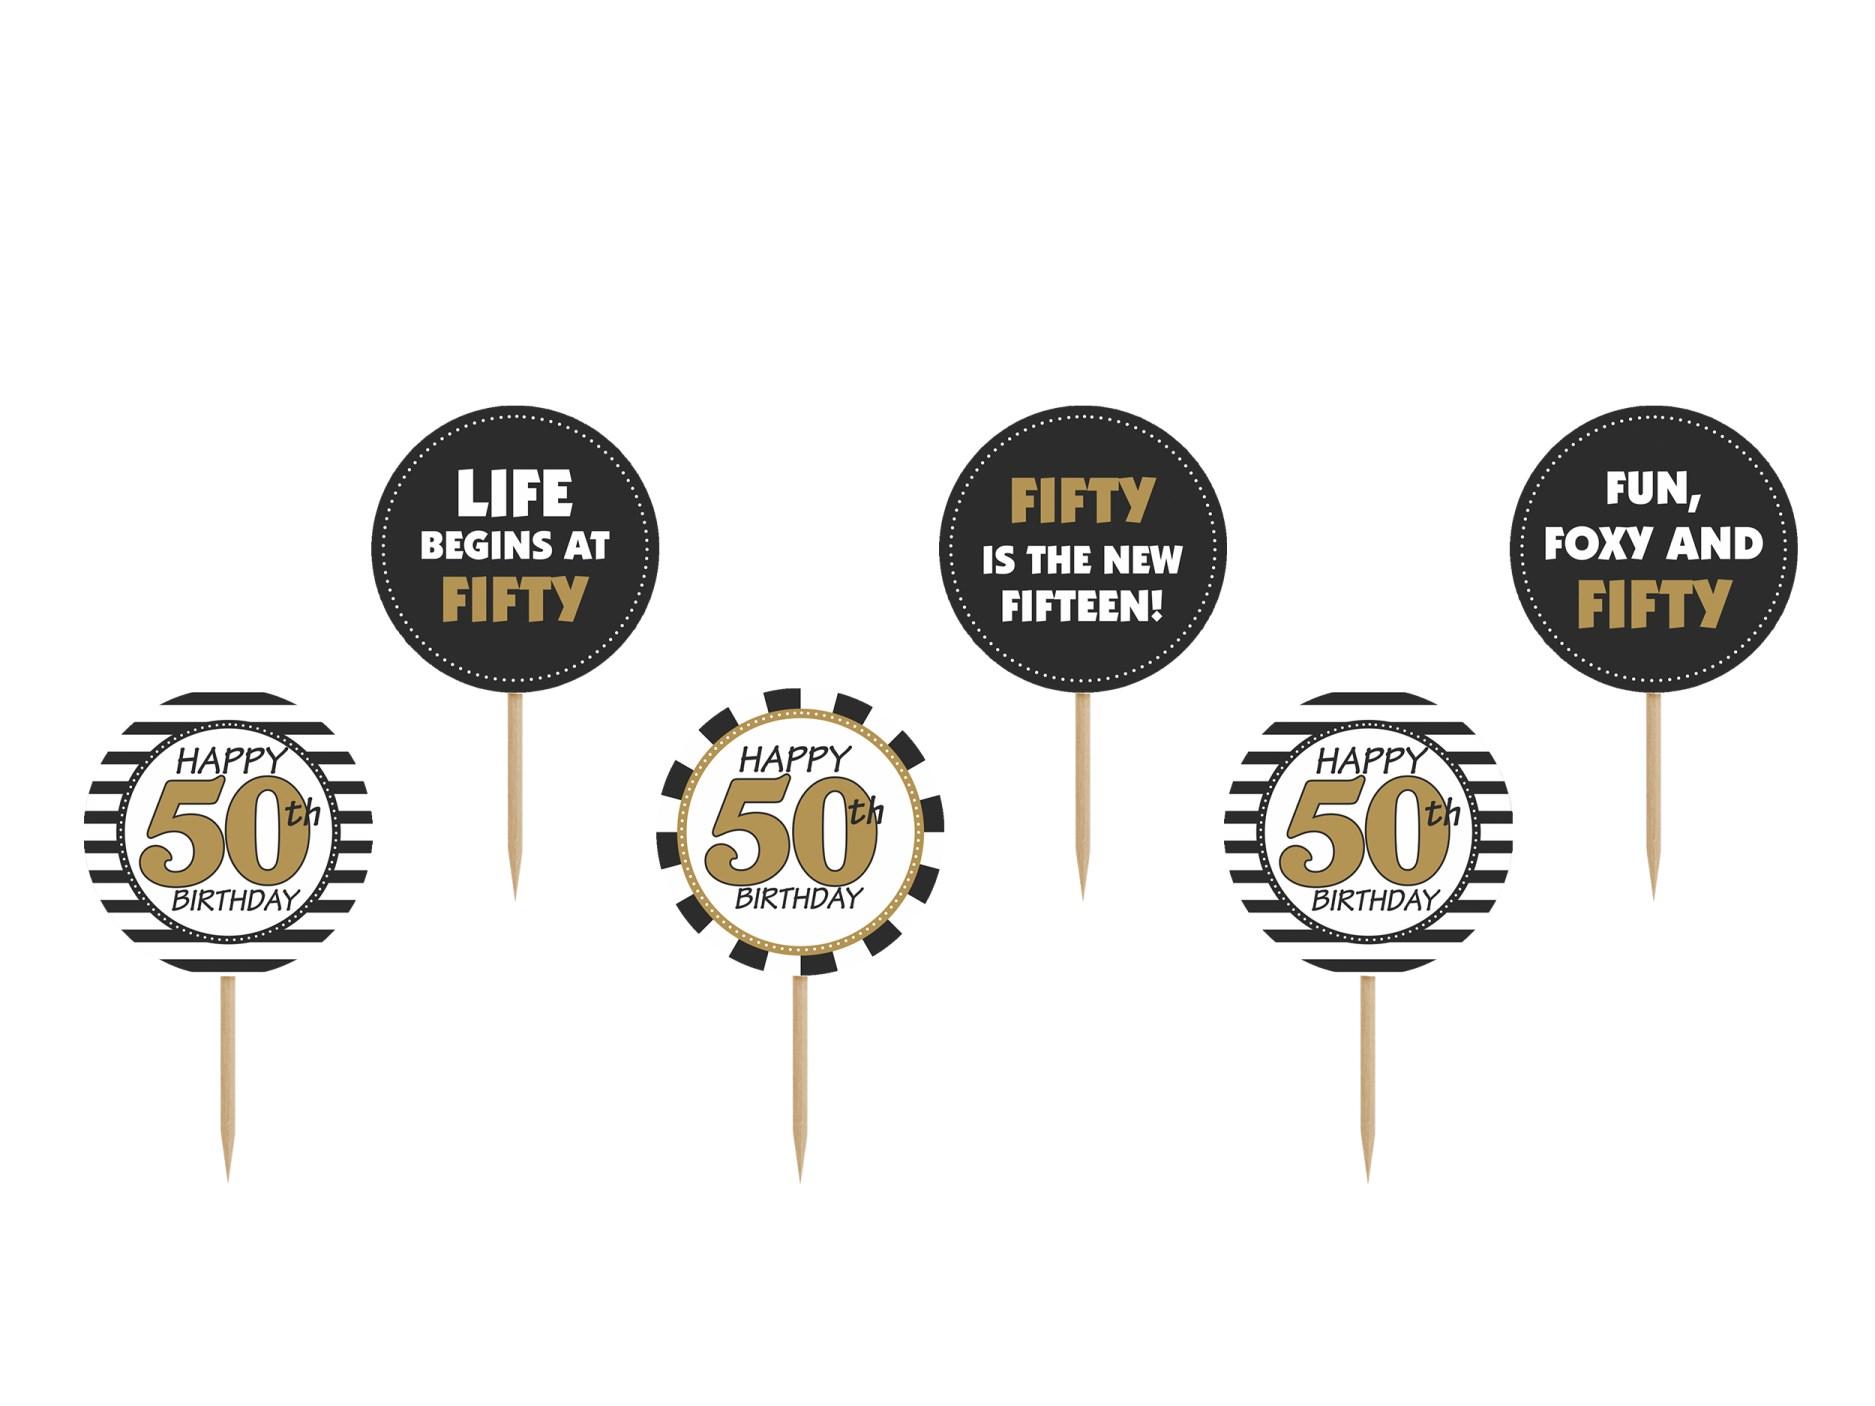 Χάρτινα Διακοσμητικά Στικ Happy 50th Birthday – 6 Τεμάχια